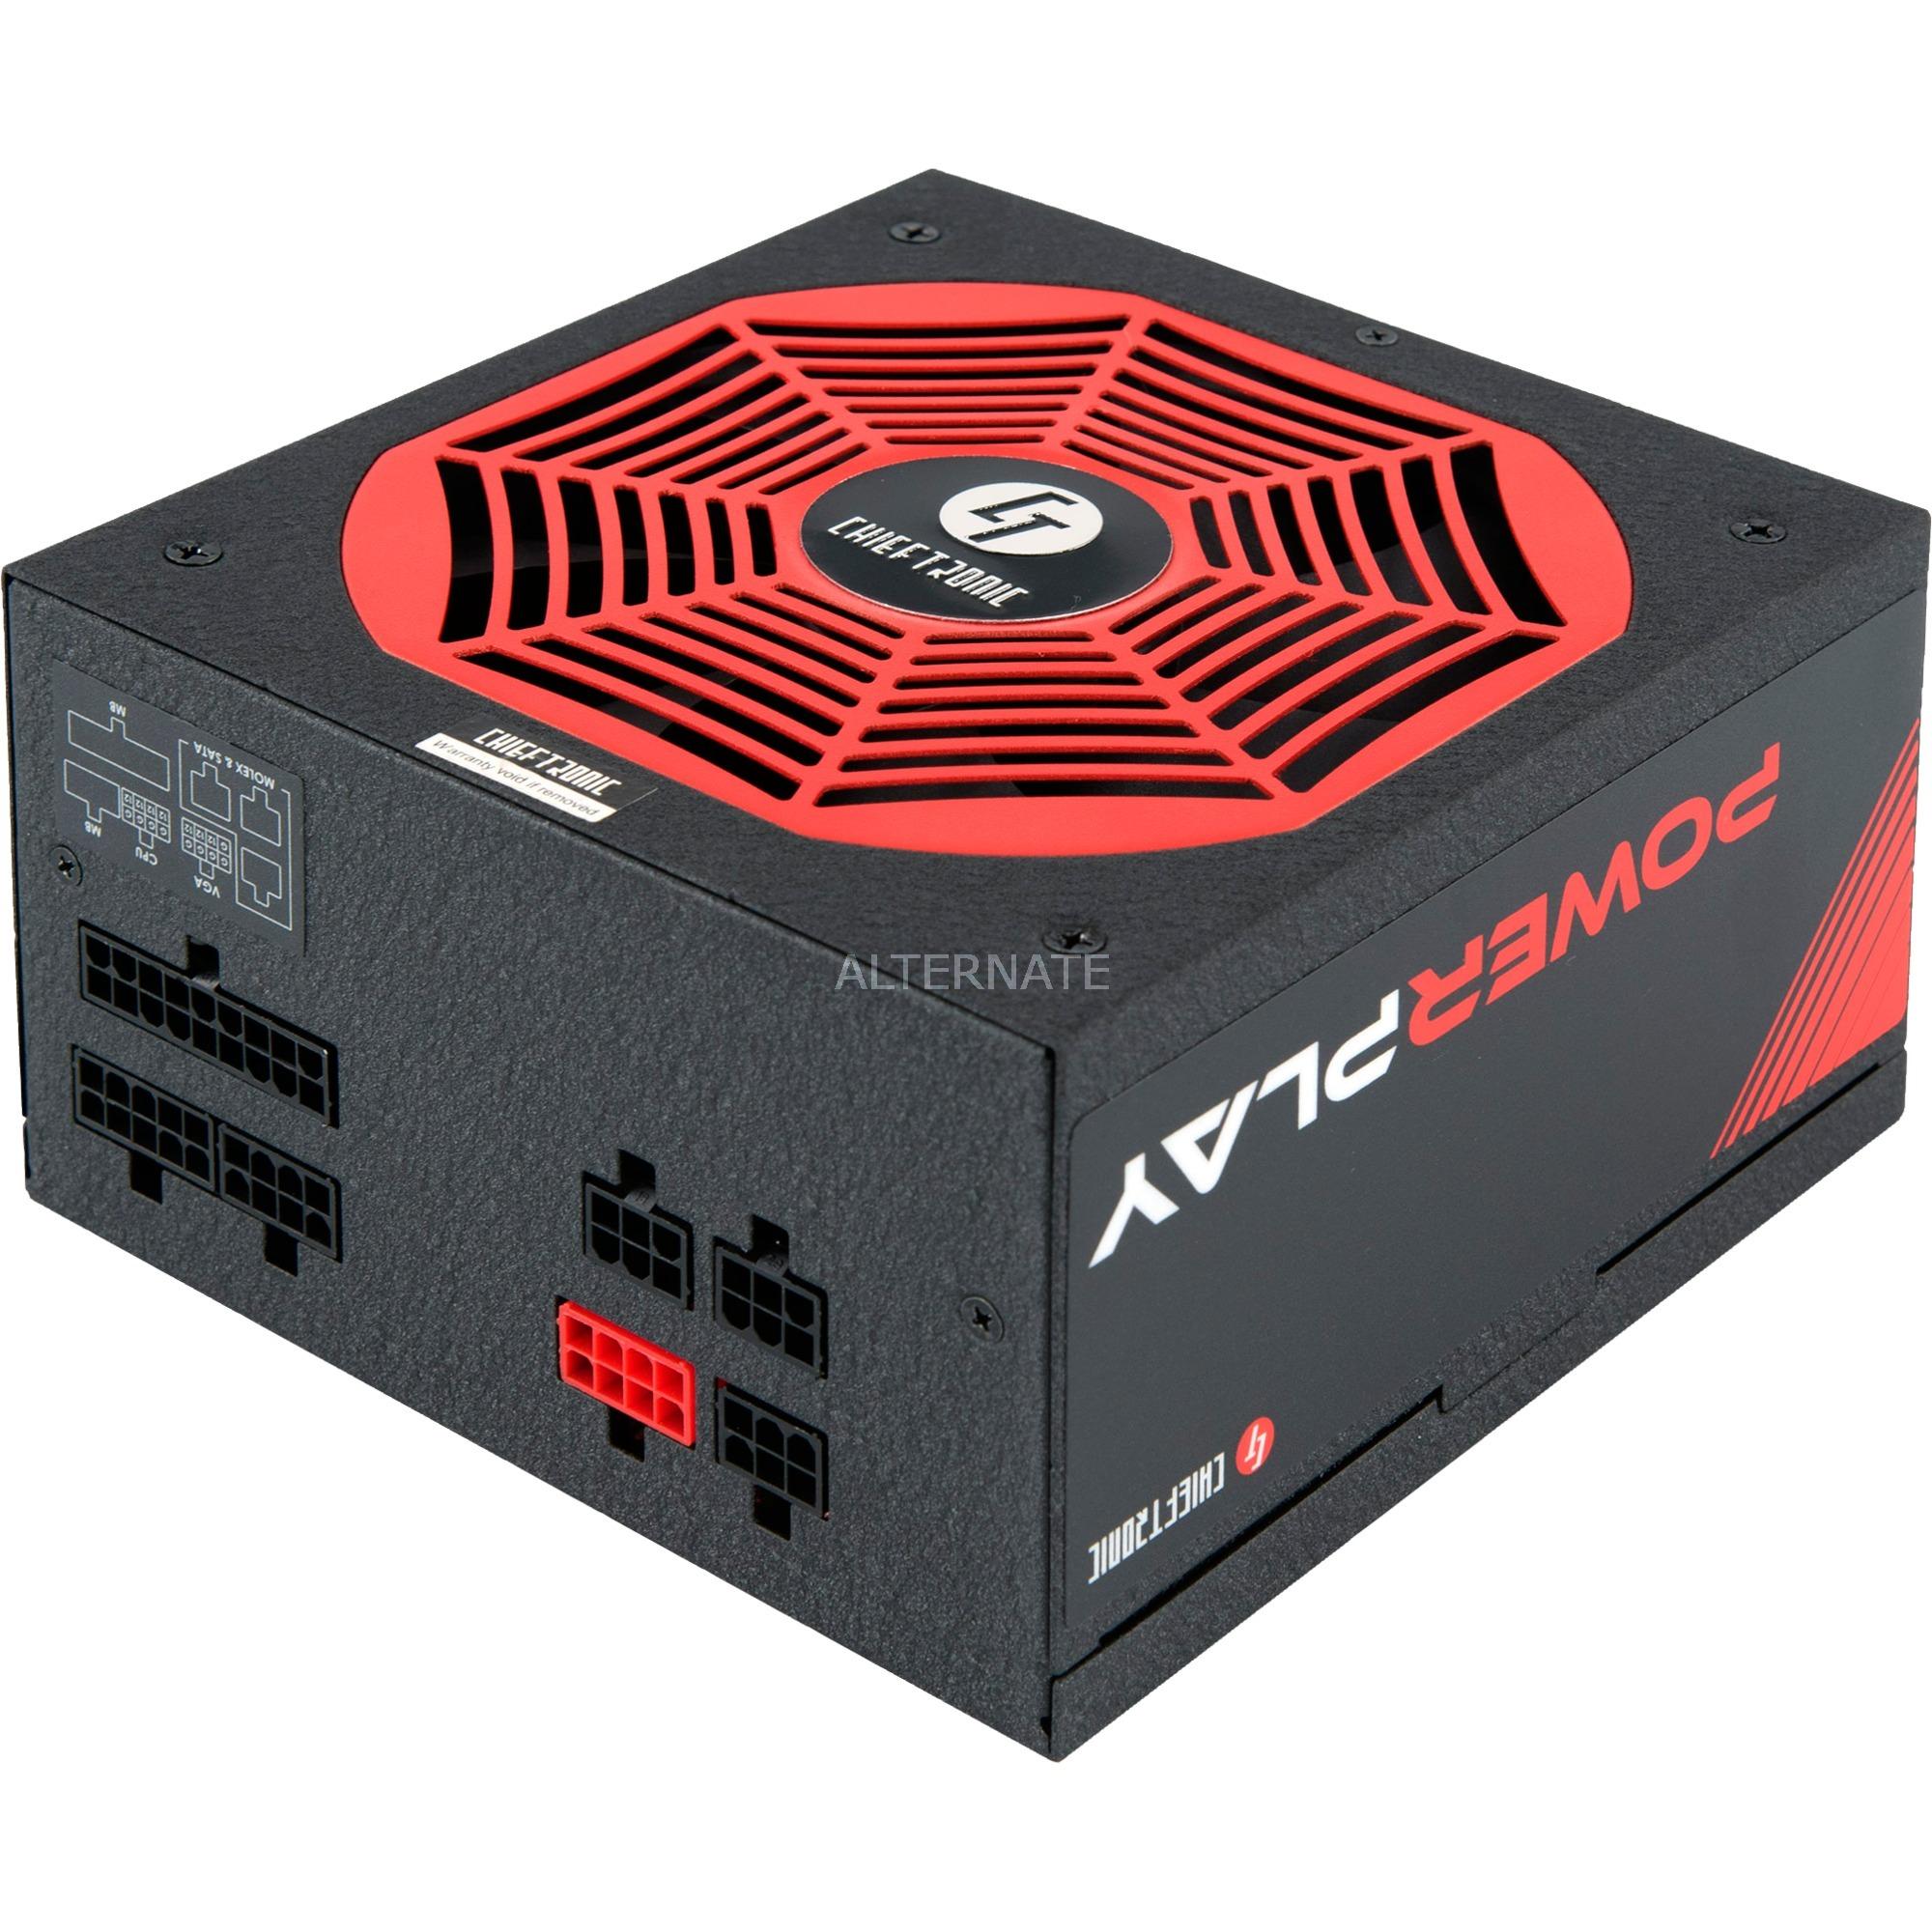 PowerPlay unidad de fuente de alimentación 650 W PS/2 Negro, Rojo, Fuente de alimentación de PC